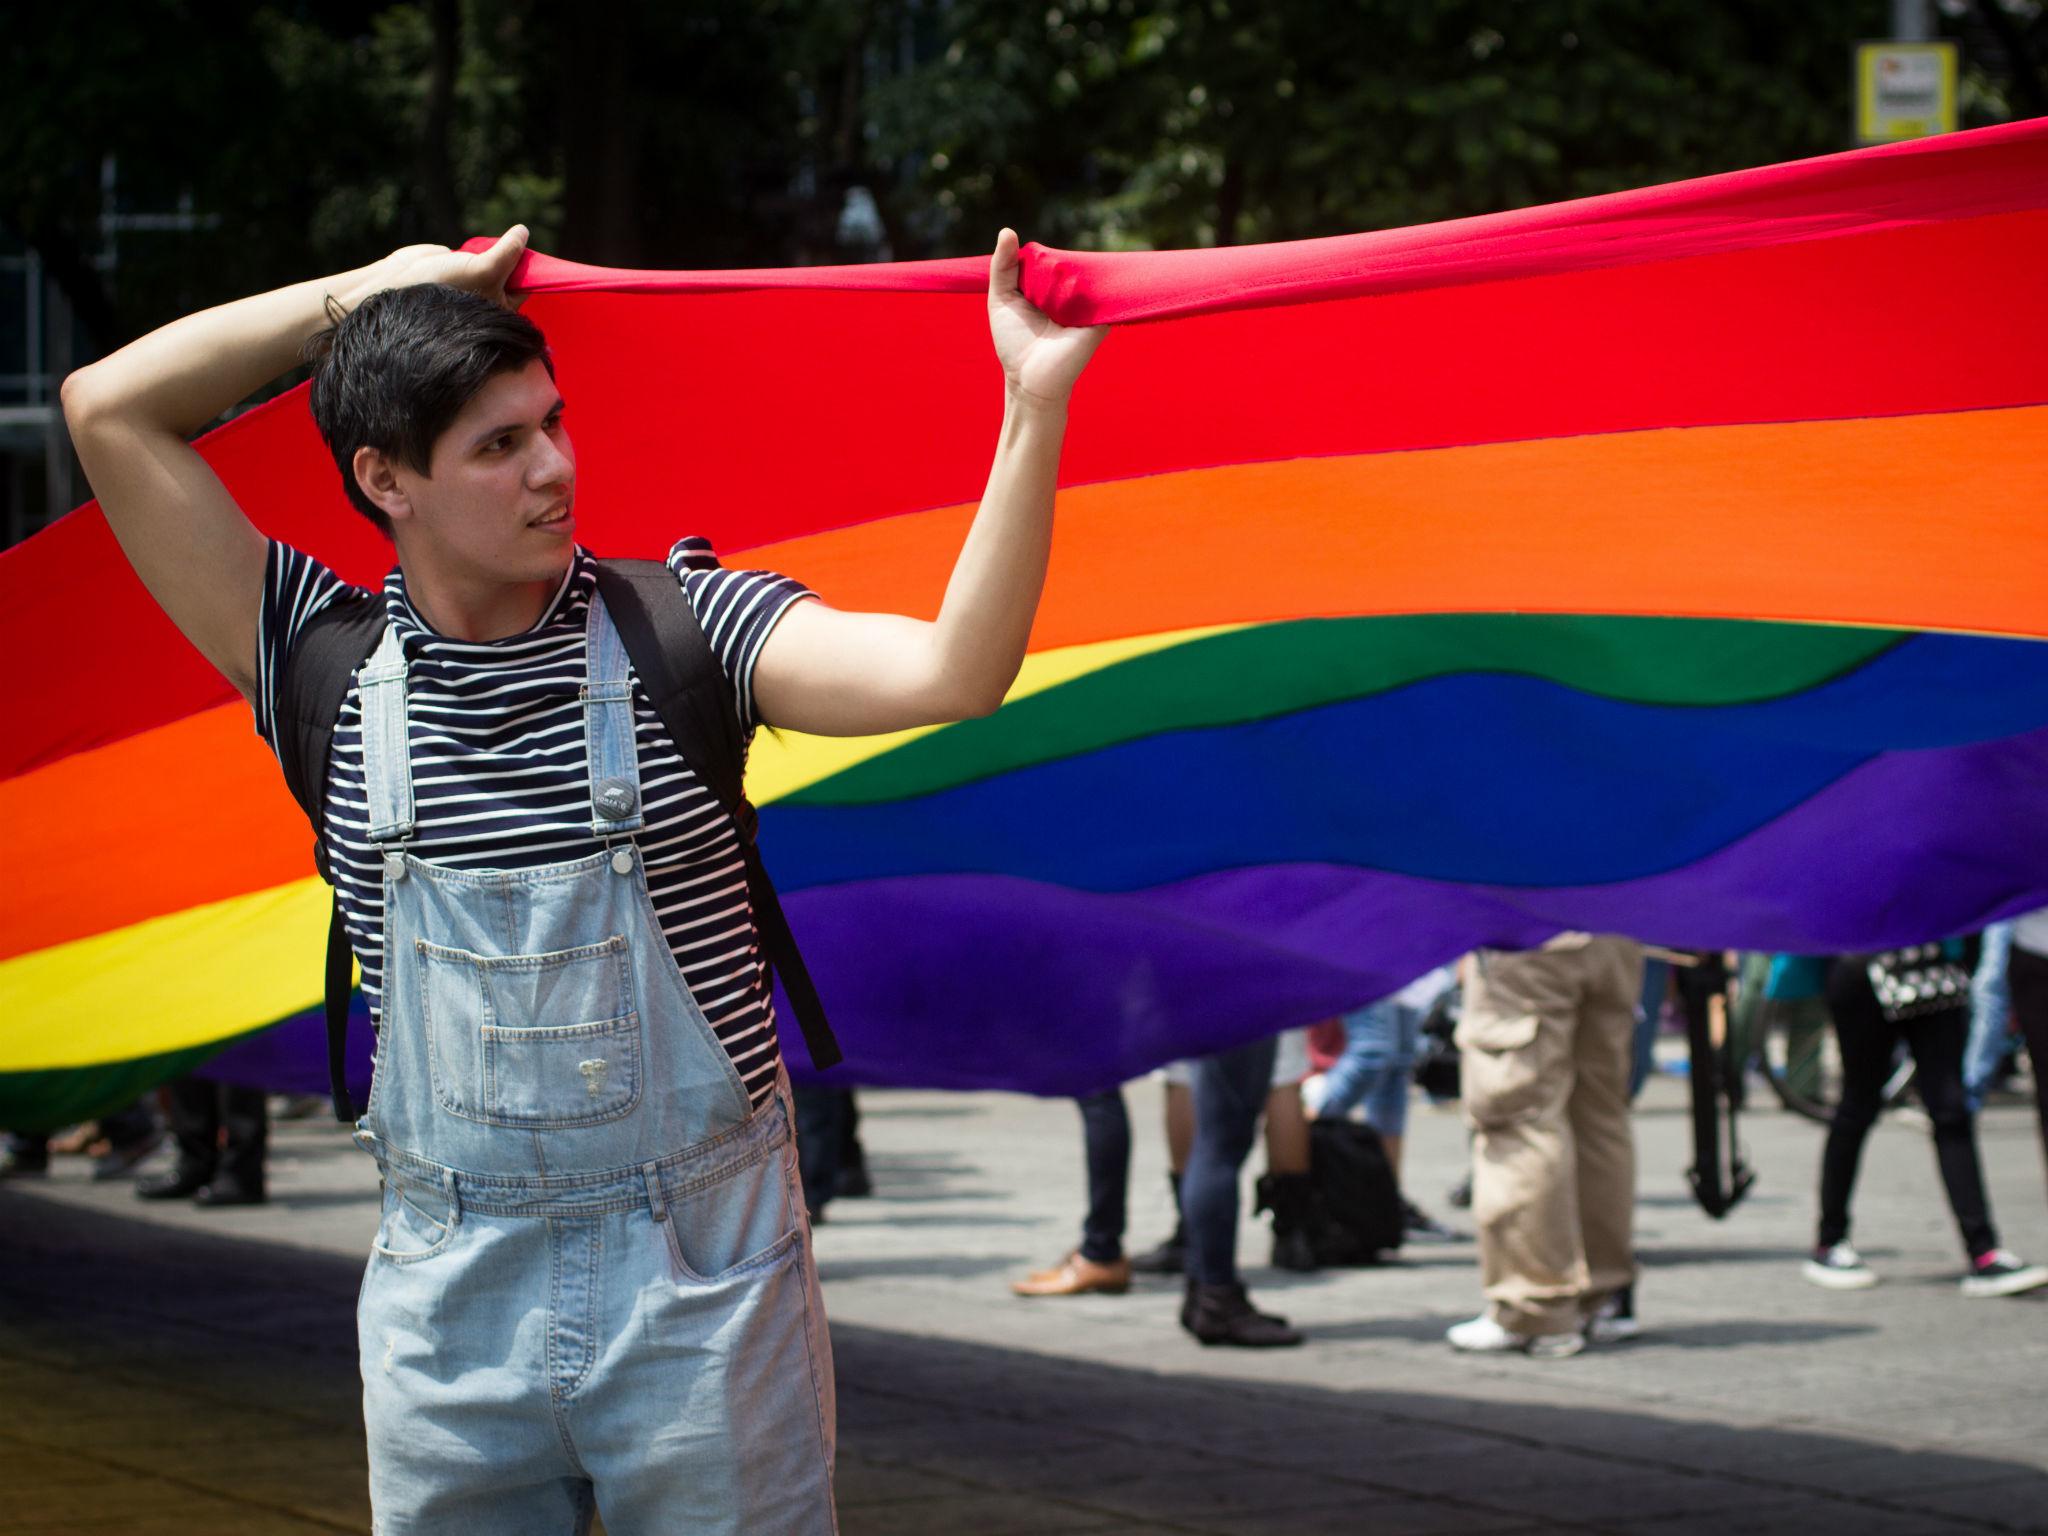 15 actividades imperdibles en el Mes del Orgullo LGBT